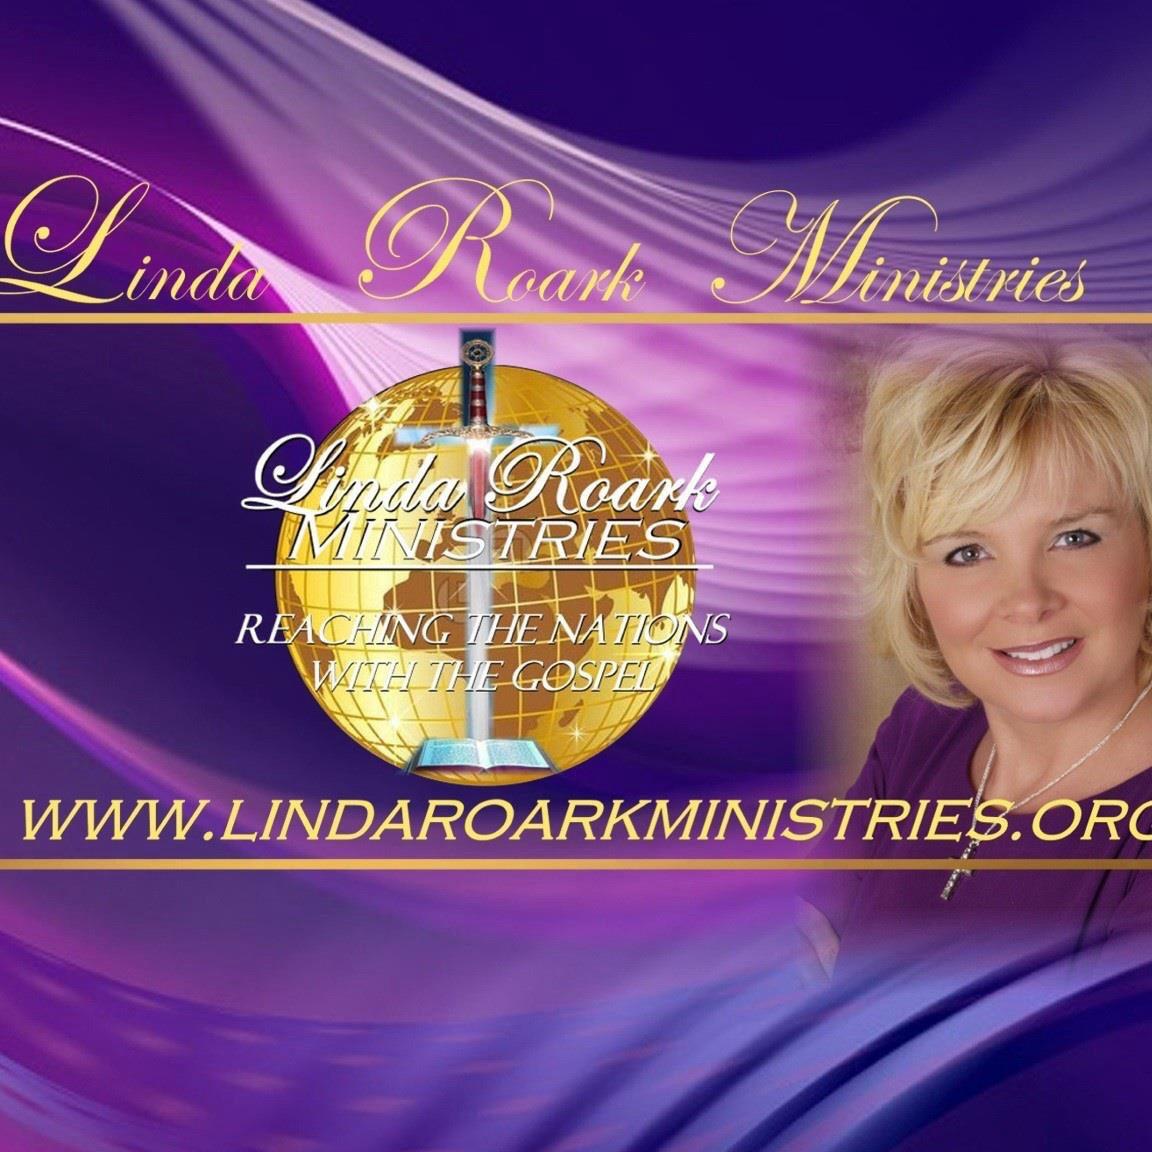 Linda Roark Ministries